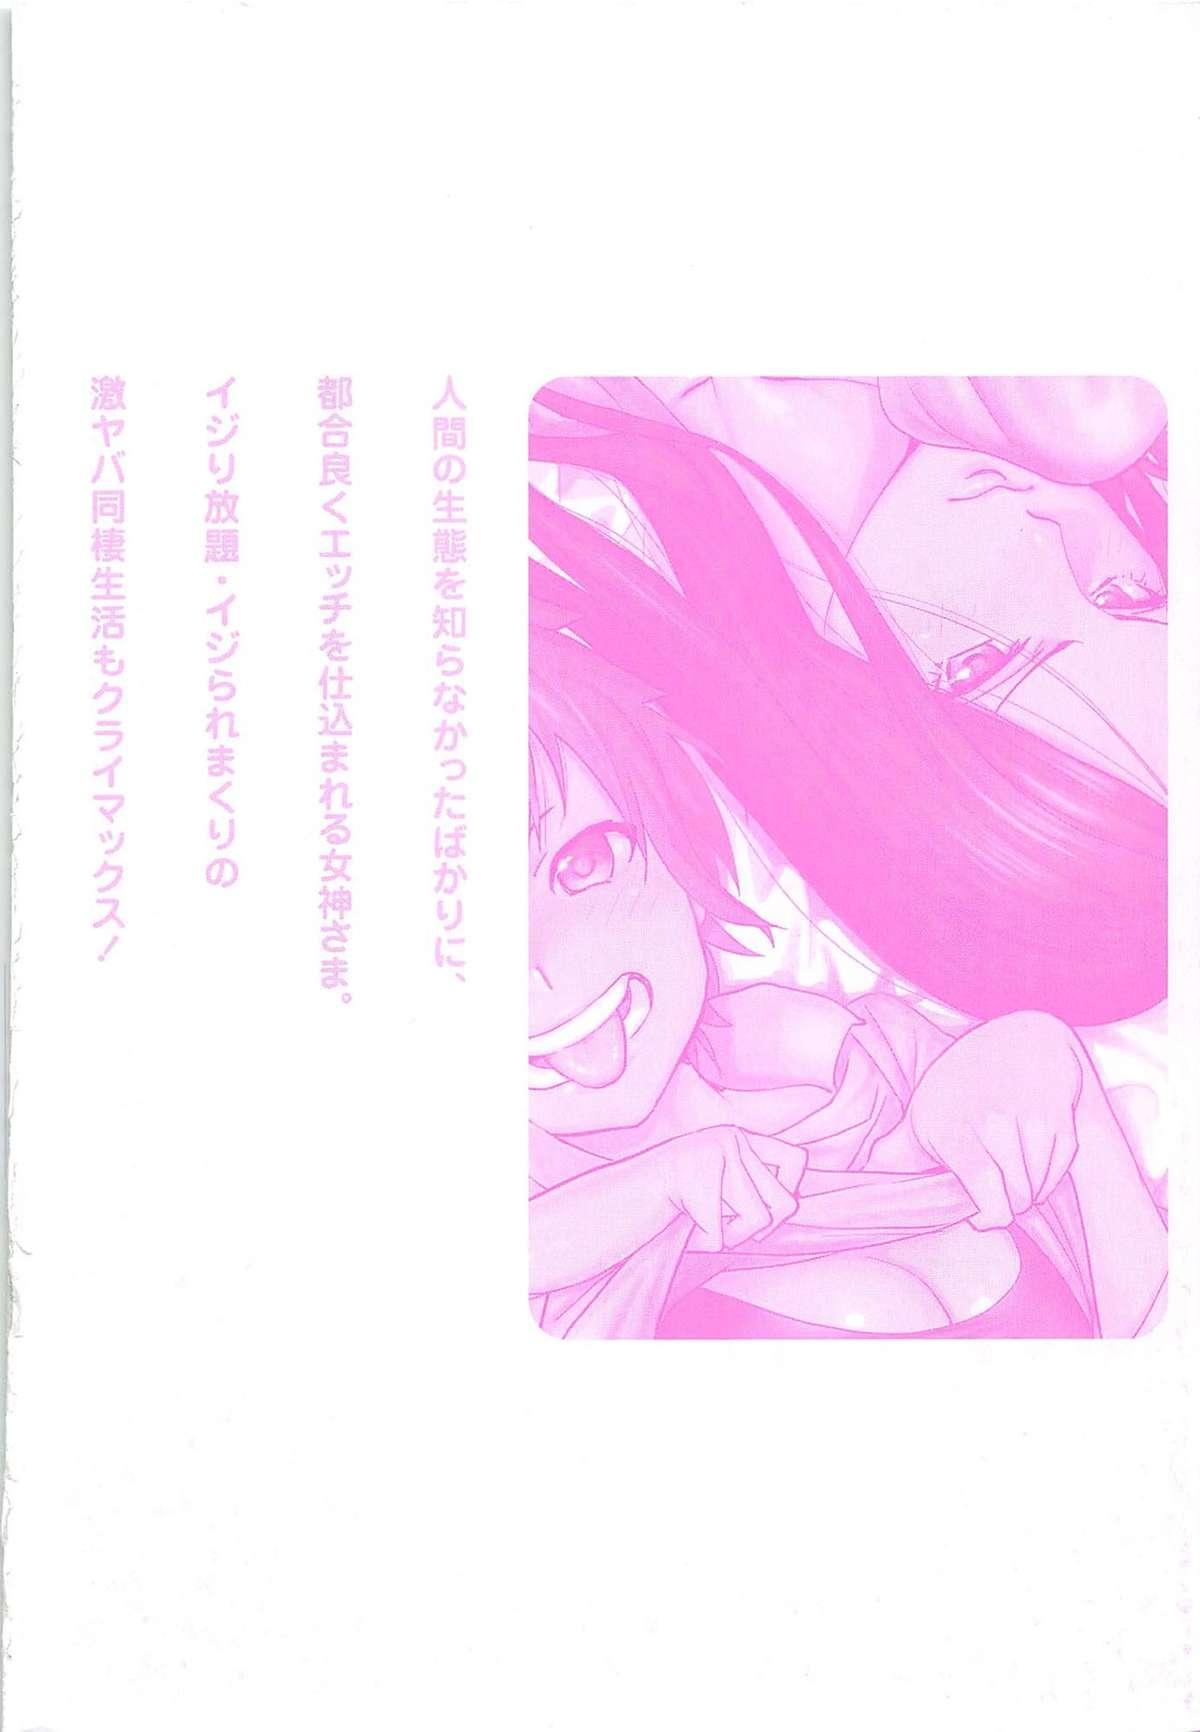 Megami to Ichinen Kura Shite Mita. 2 5